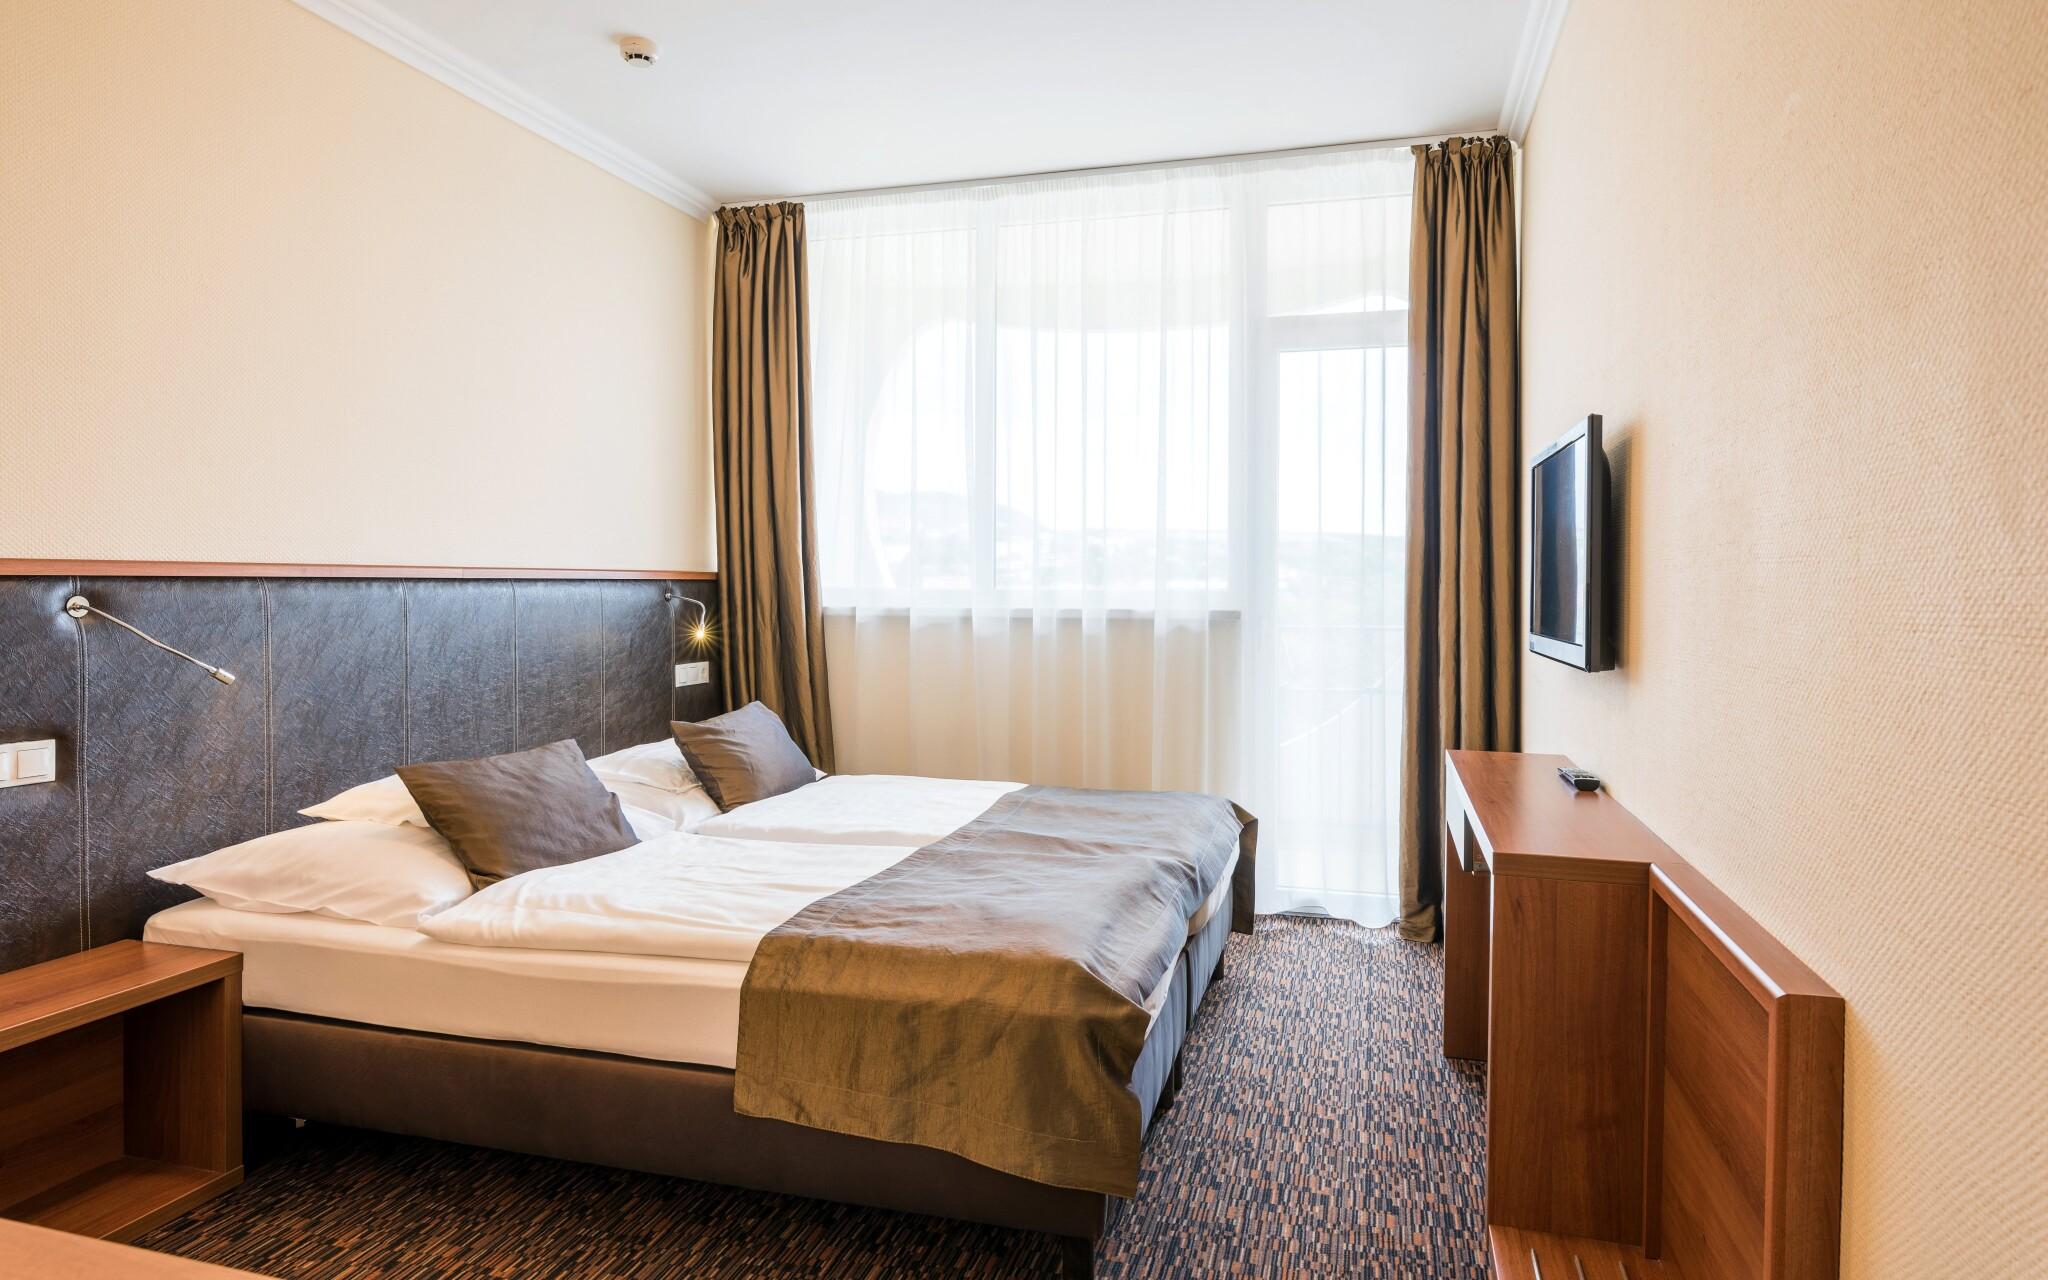 Izby hotela sú moderne vybavené